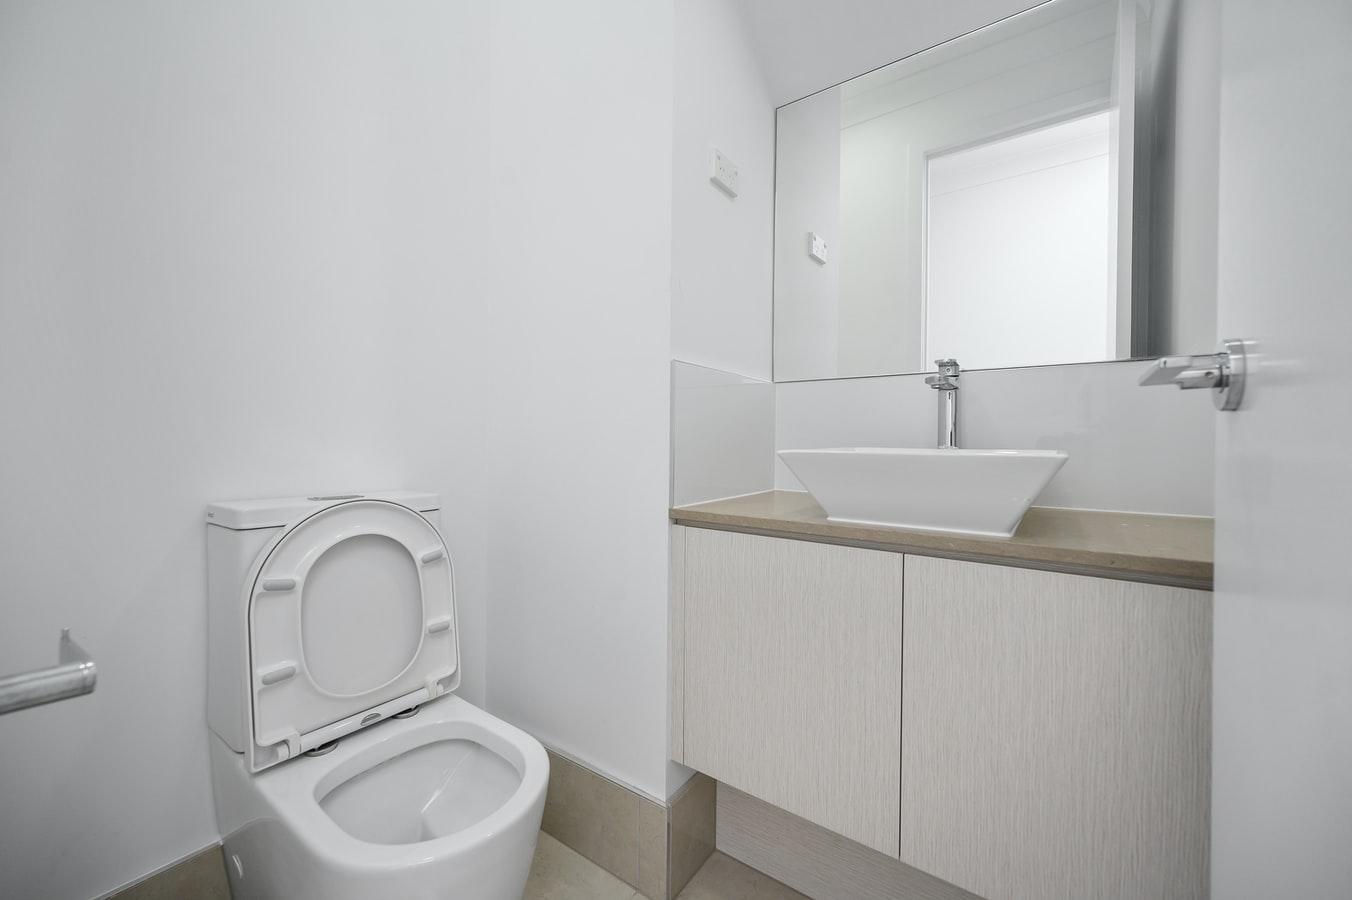 wd40 toilet